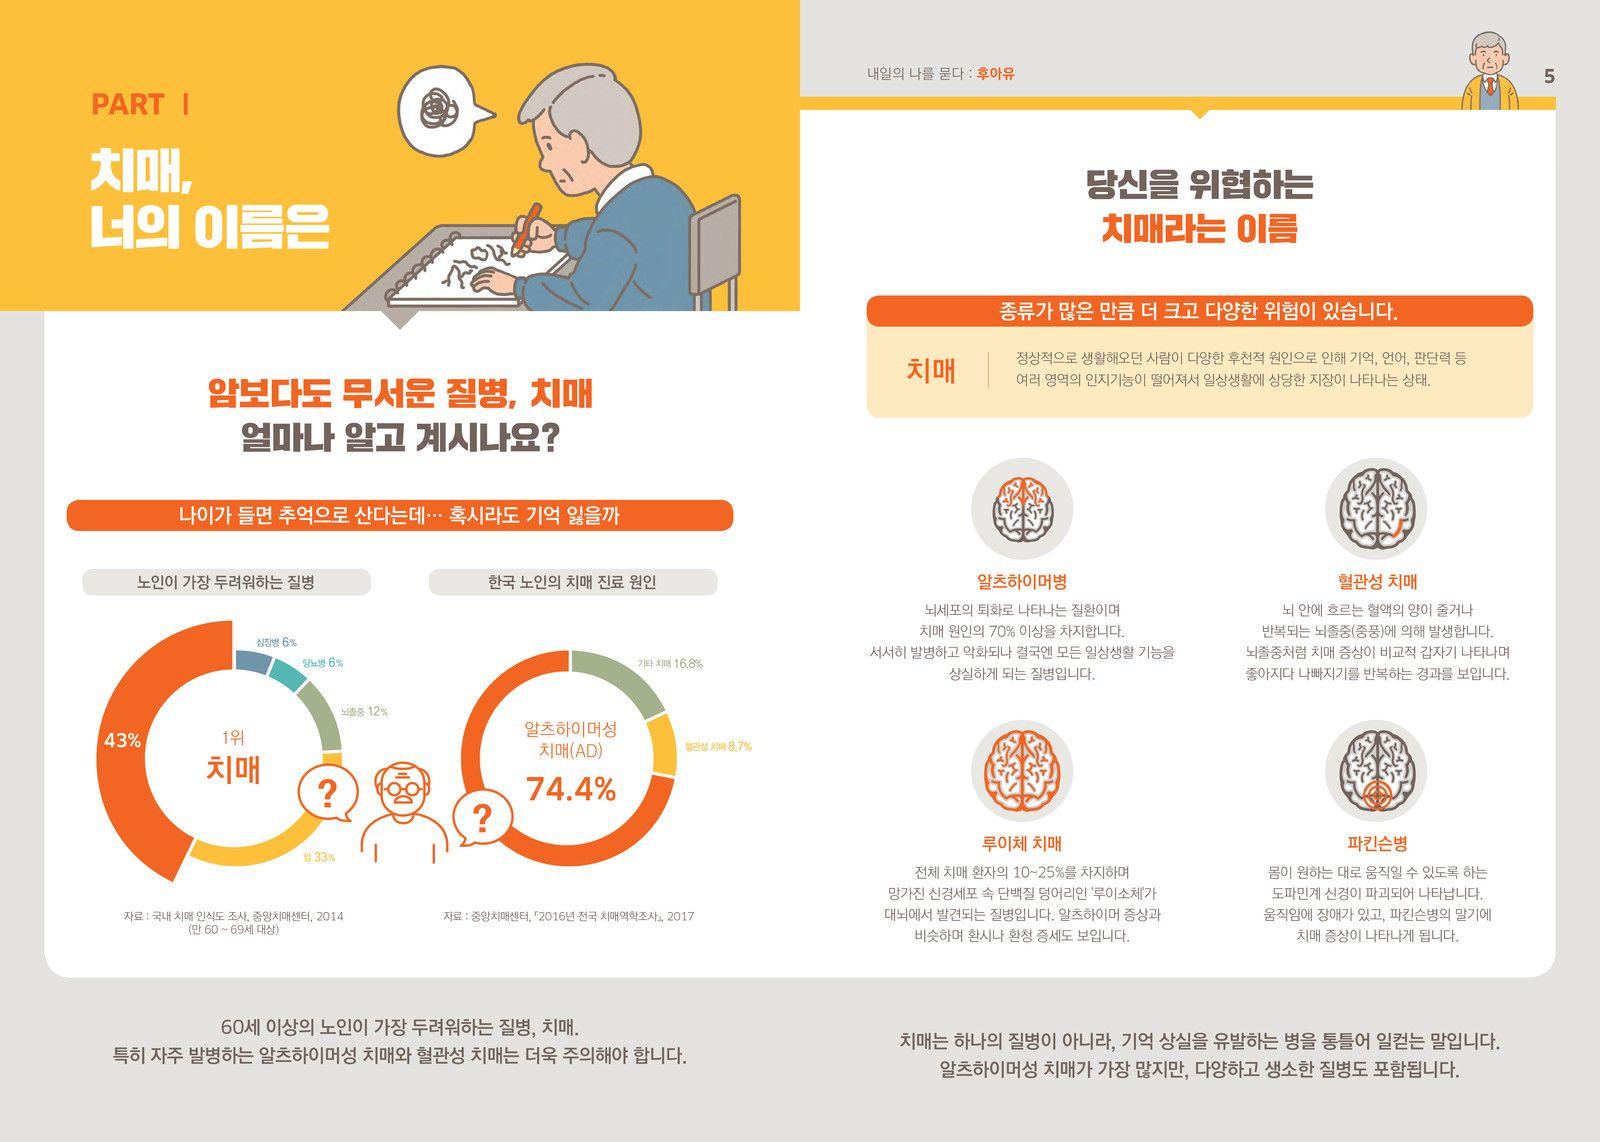 오렌지 라이프 치매보험 통계북 디지털 아트 일러스트레이션 디지털 아트 일러스트레이션 그래픽 디자인 일러스트레이션 인쇄 레이아웃 디자인 뉴스레터 디자인